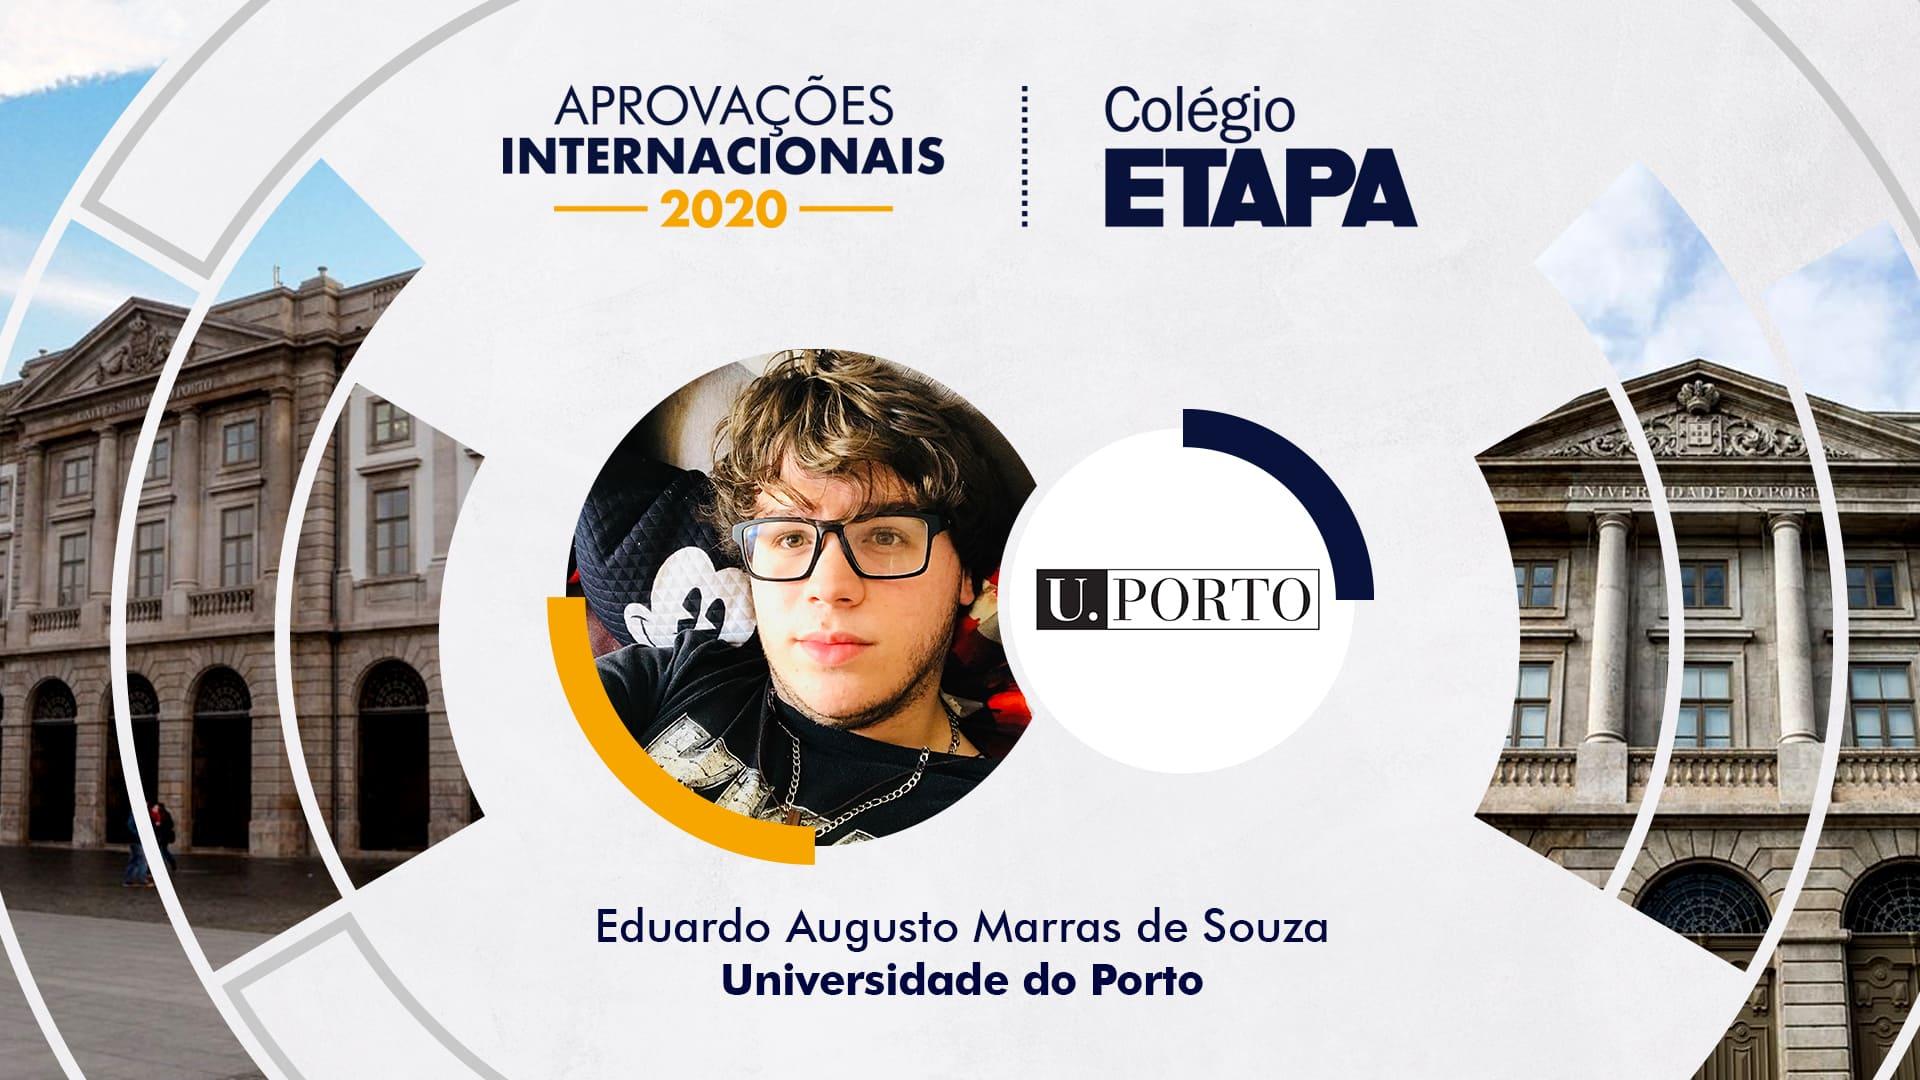 Aprovações Internacionais 2020: Eduardo Augusto Marras de Souza